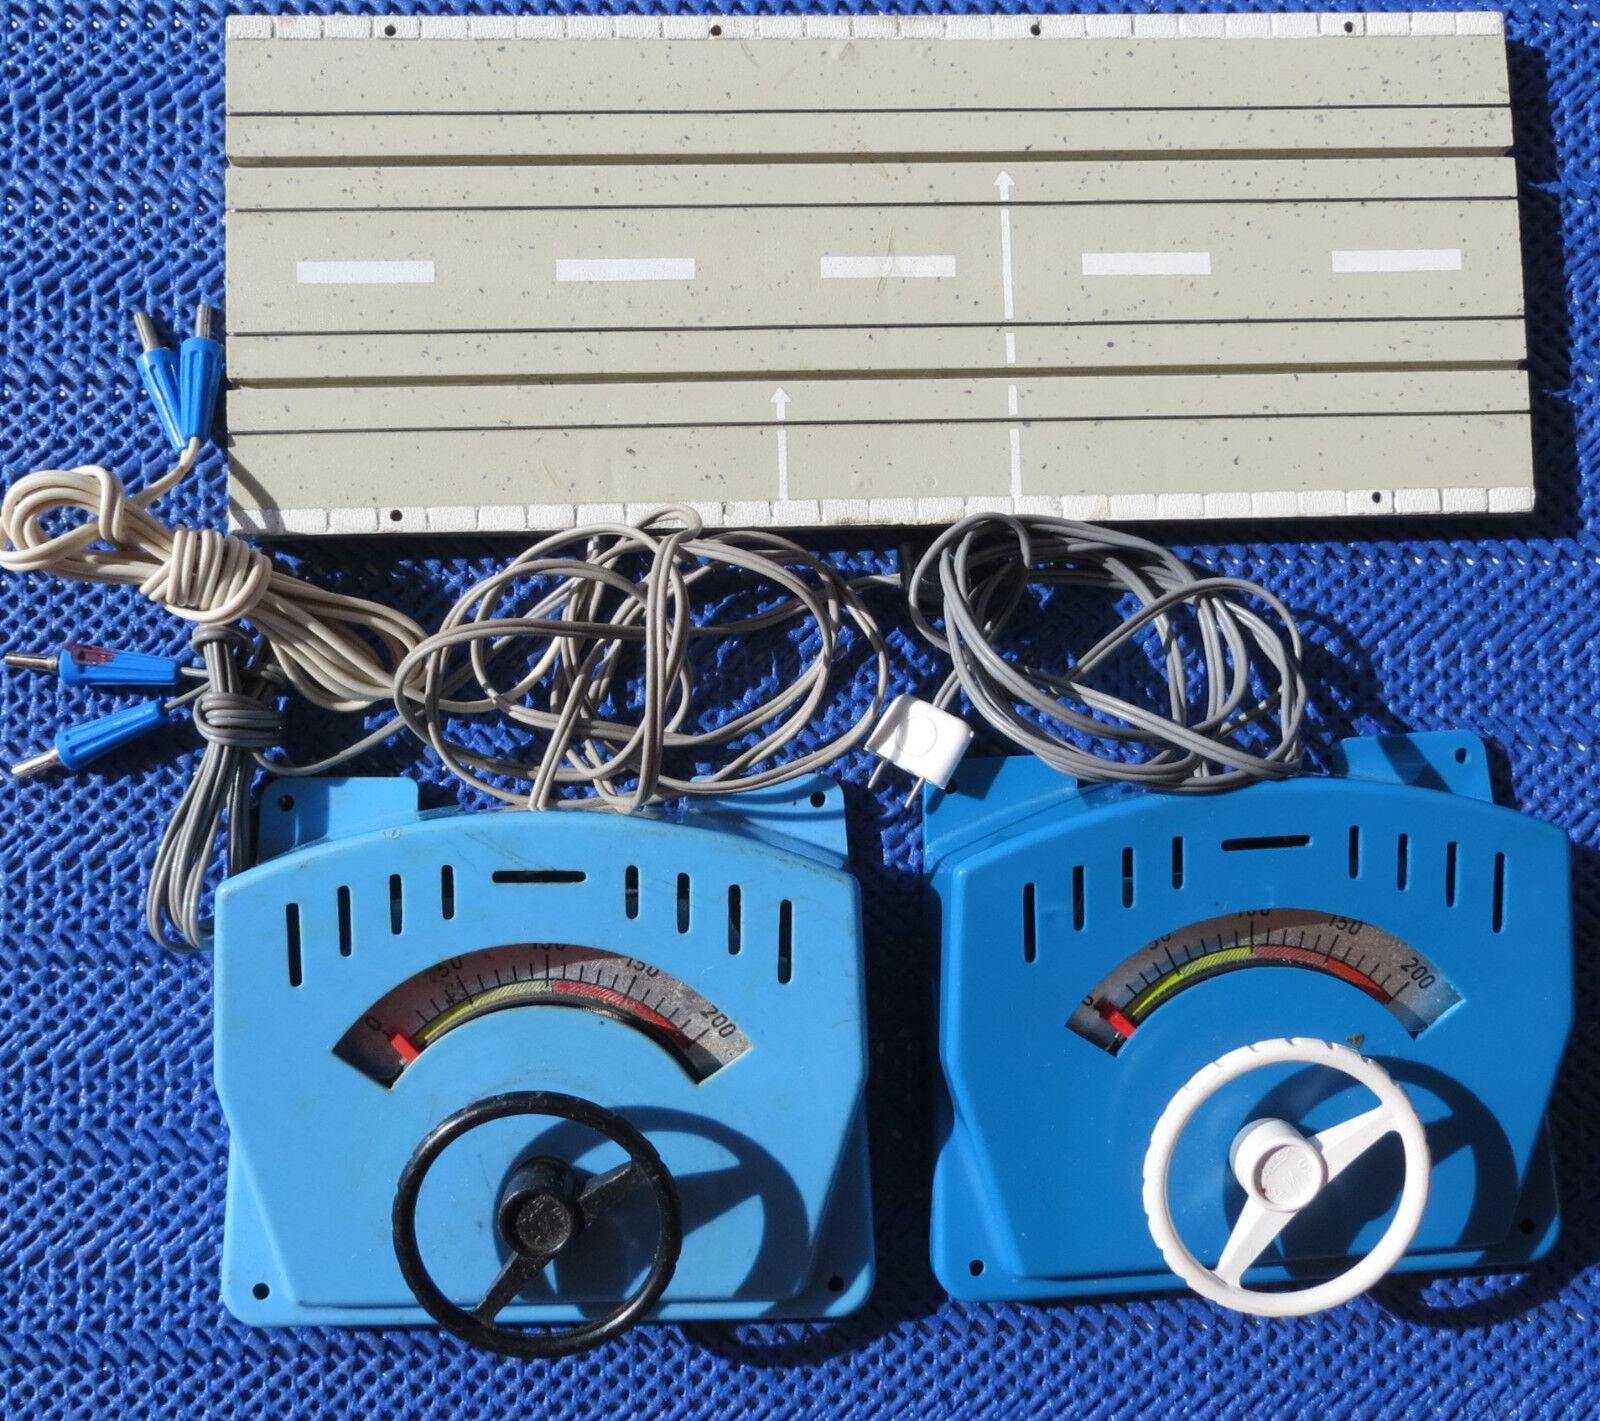 Faller Ams 4702 Collegamento Ferroviario 4 Volte con 2 Fahrreglern 4031